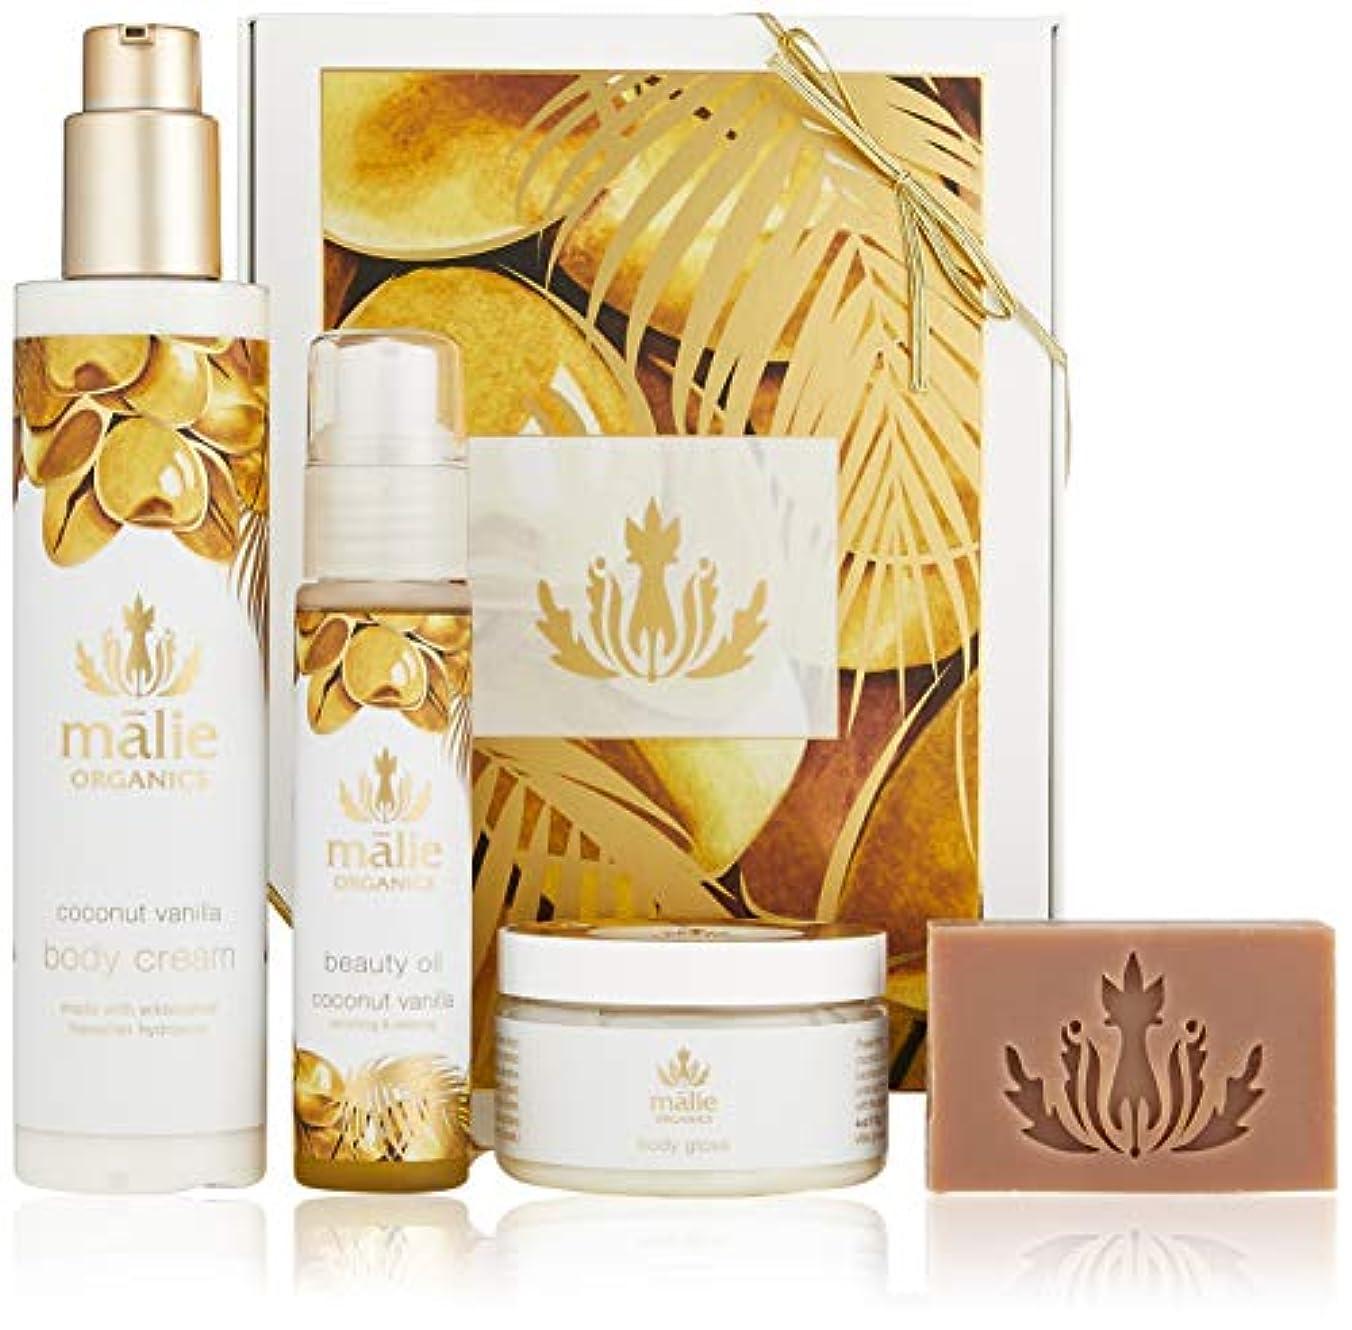 Malie Organics(マリエオーガニクス) ラックススパボックス ココナッツバニラ (セット内容:Beauty Oil 75ml/ Body Cream 222ml/ Body Gloss 113g / Luxe...